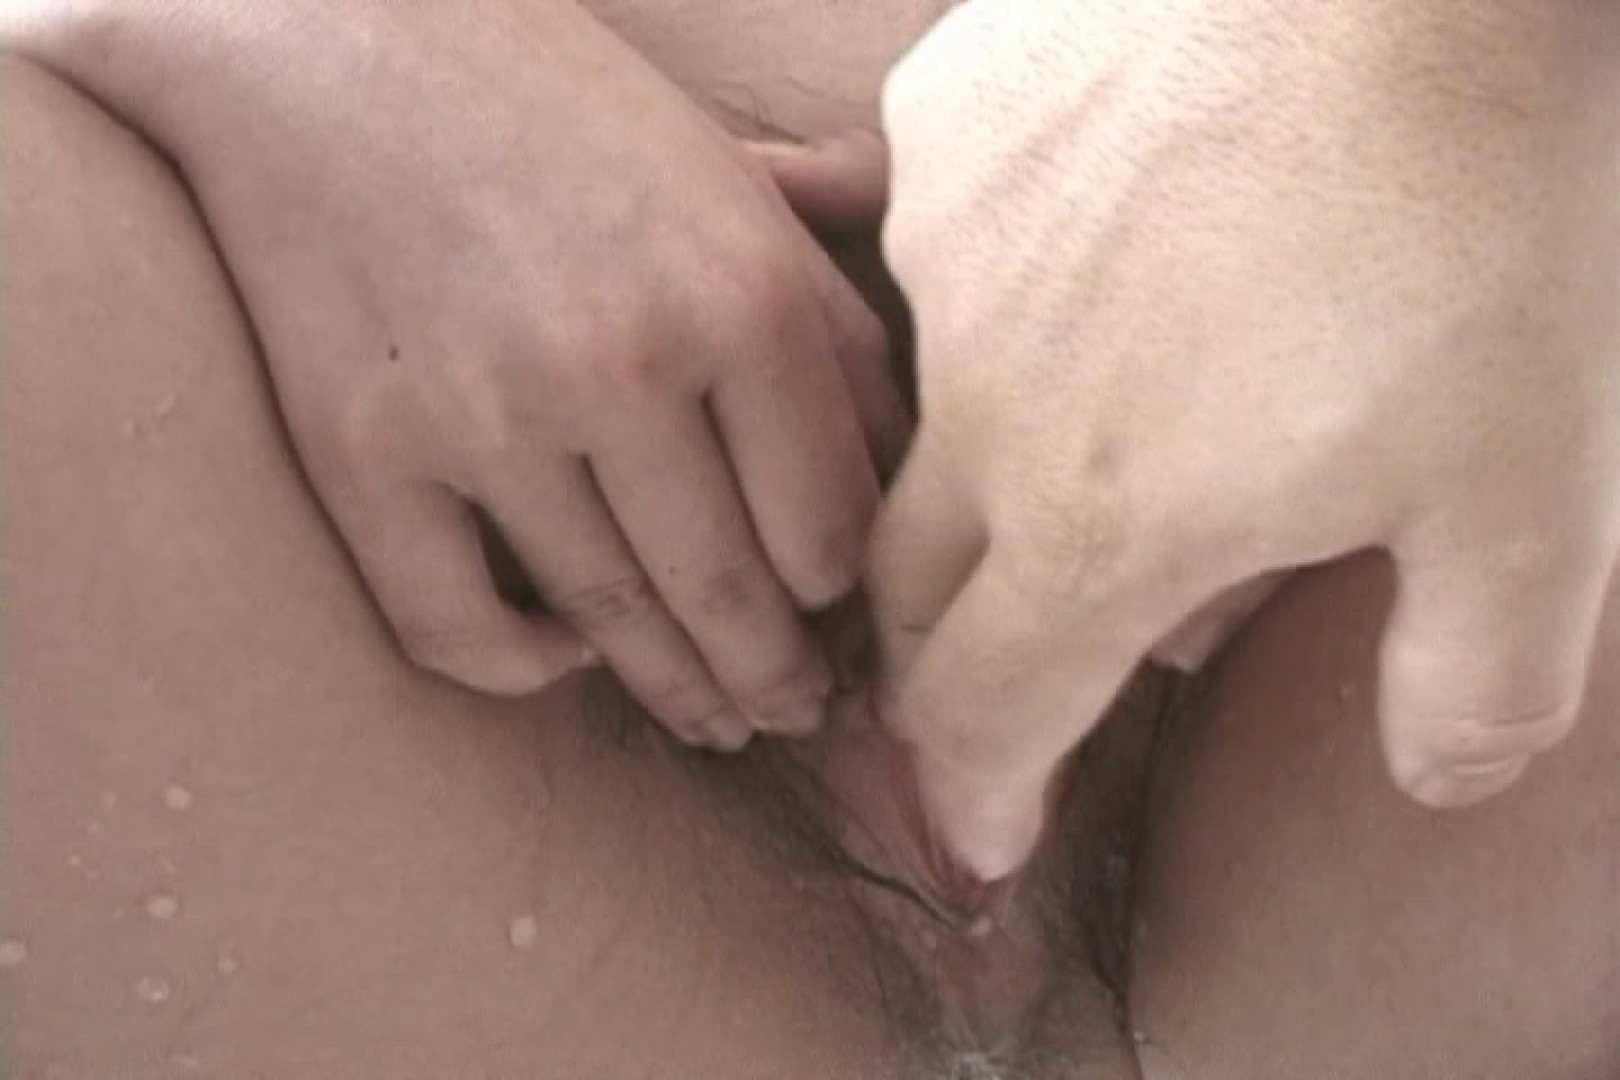 まだまだ若い三十路の人妻、綺麗な体を見て!~村田なお~ 桃色シャワー | 三十路  82pic 15